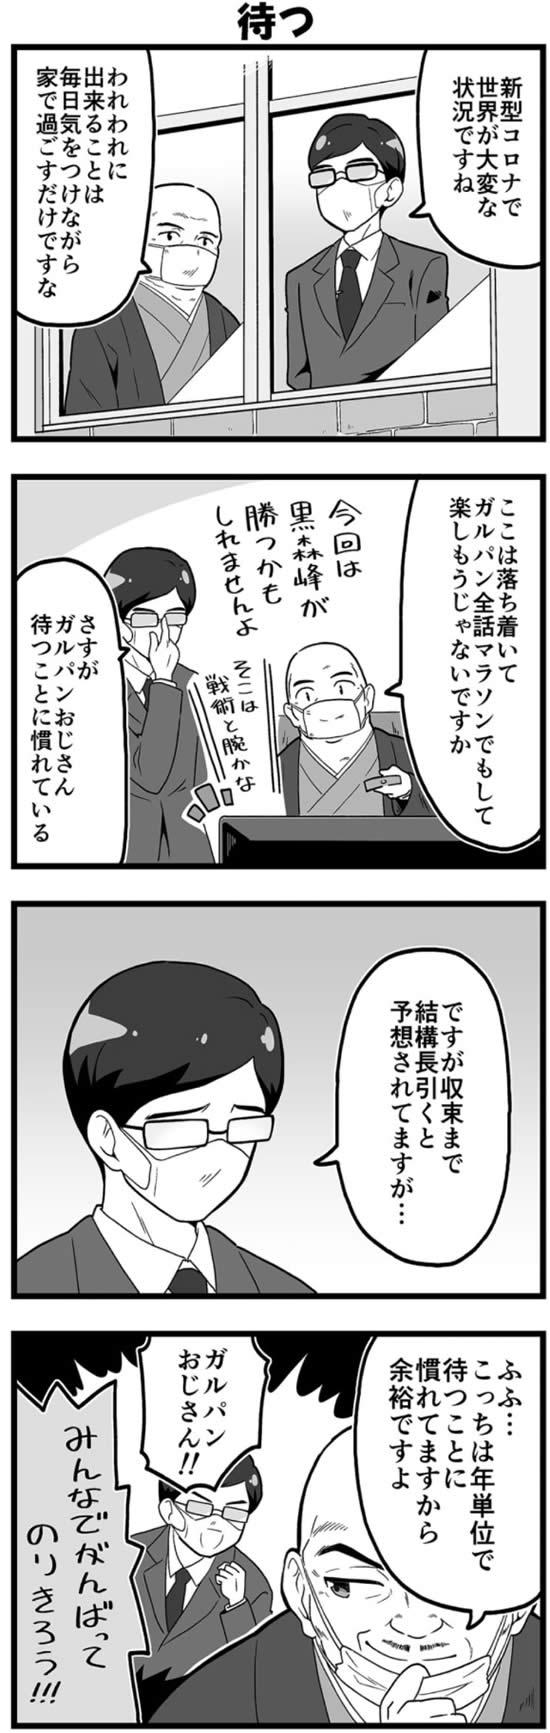 ガールズ&パンツァー 新型コロナウィルス 役人 理事長